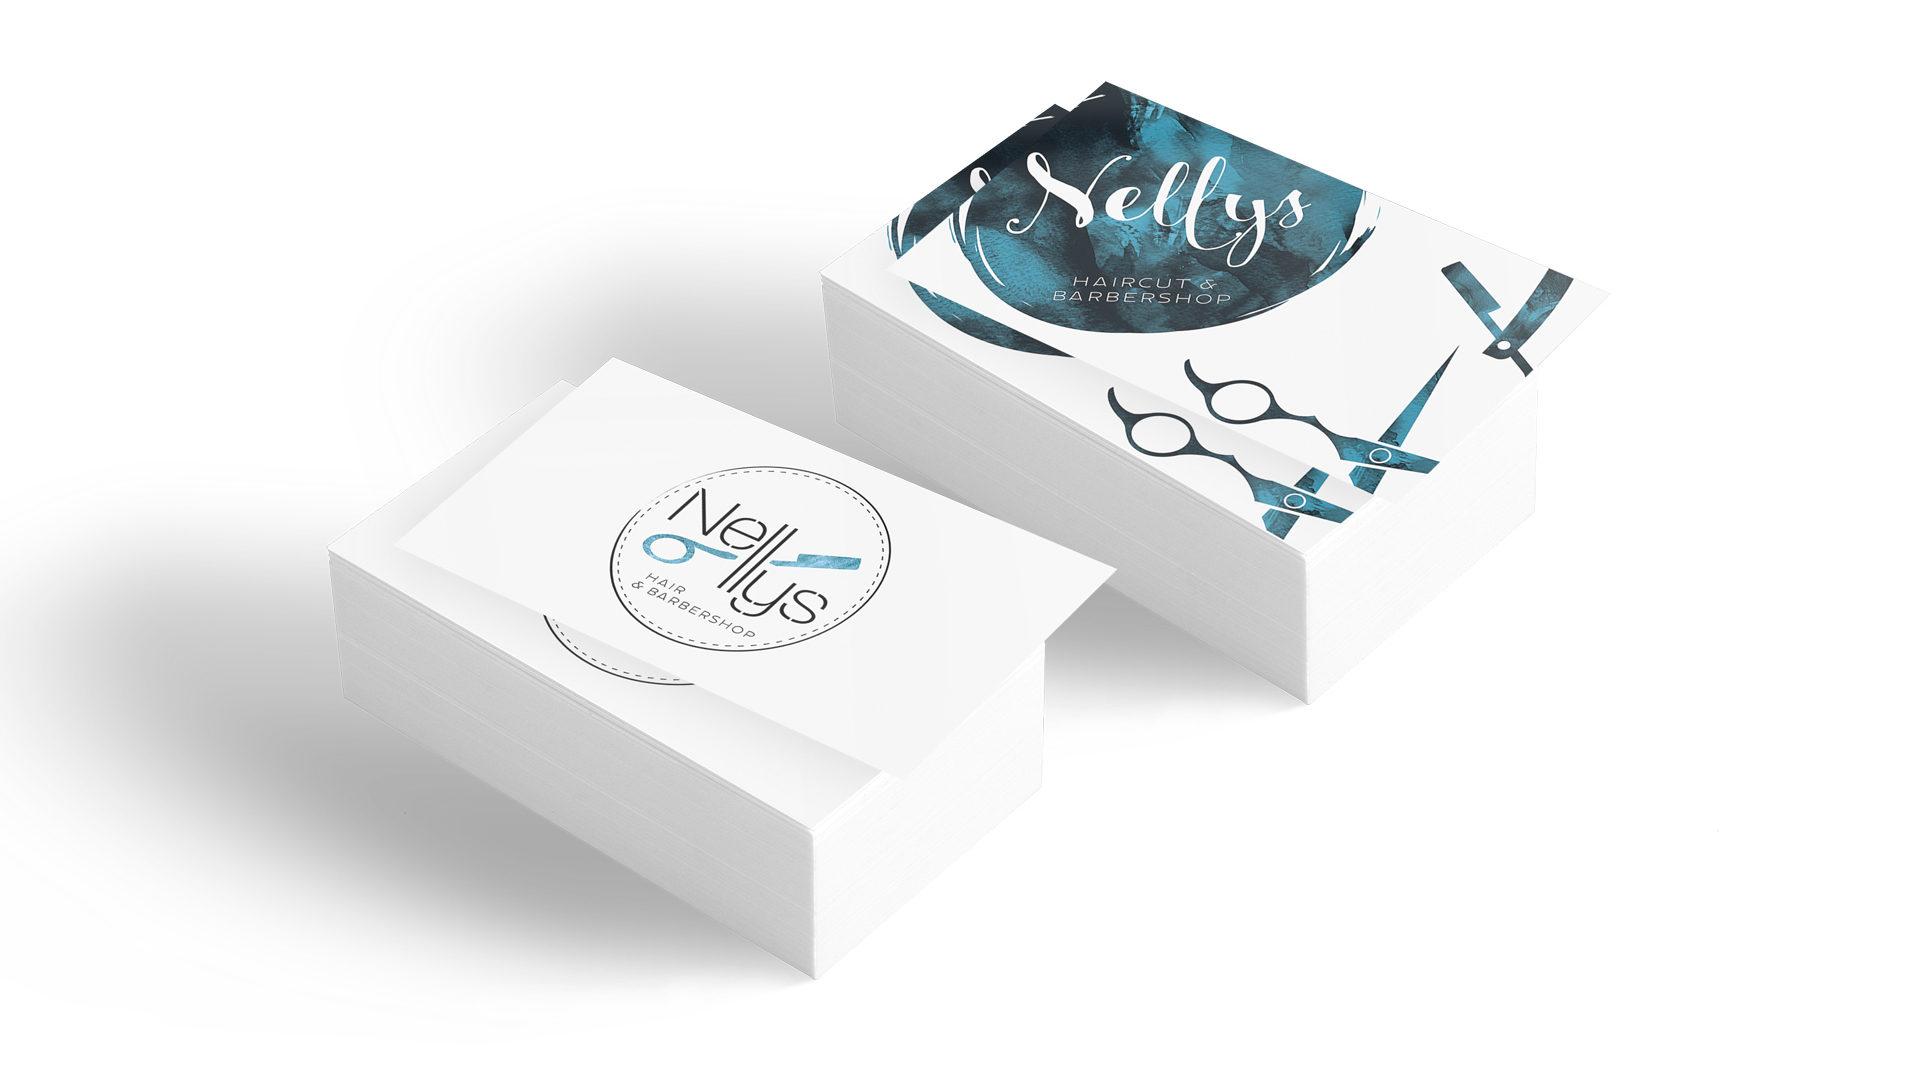 Nellys Logodesign